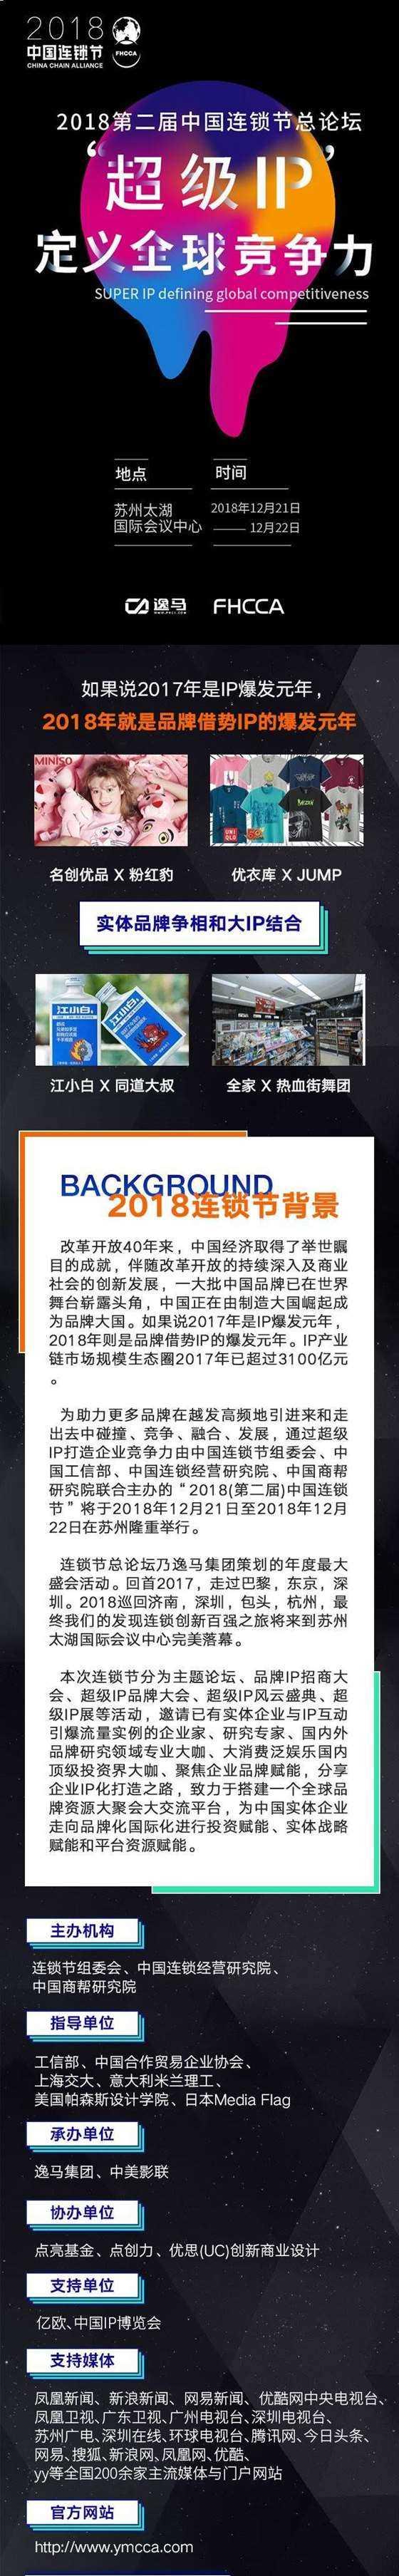 中国连锁节长图2_01.jpg